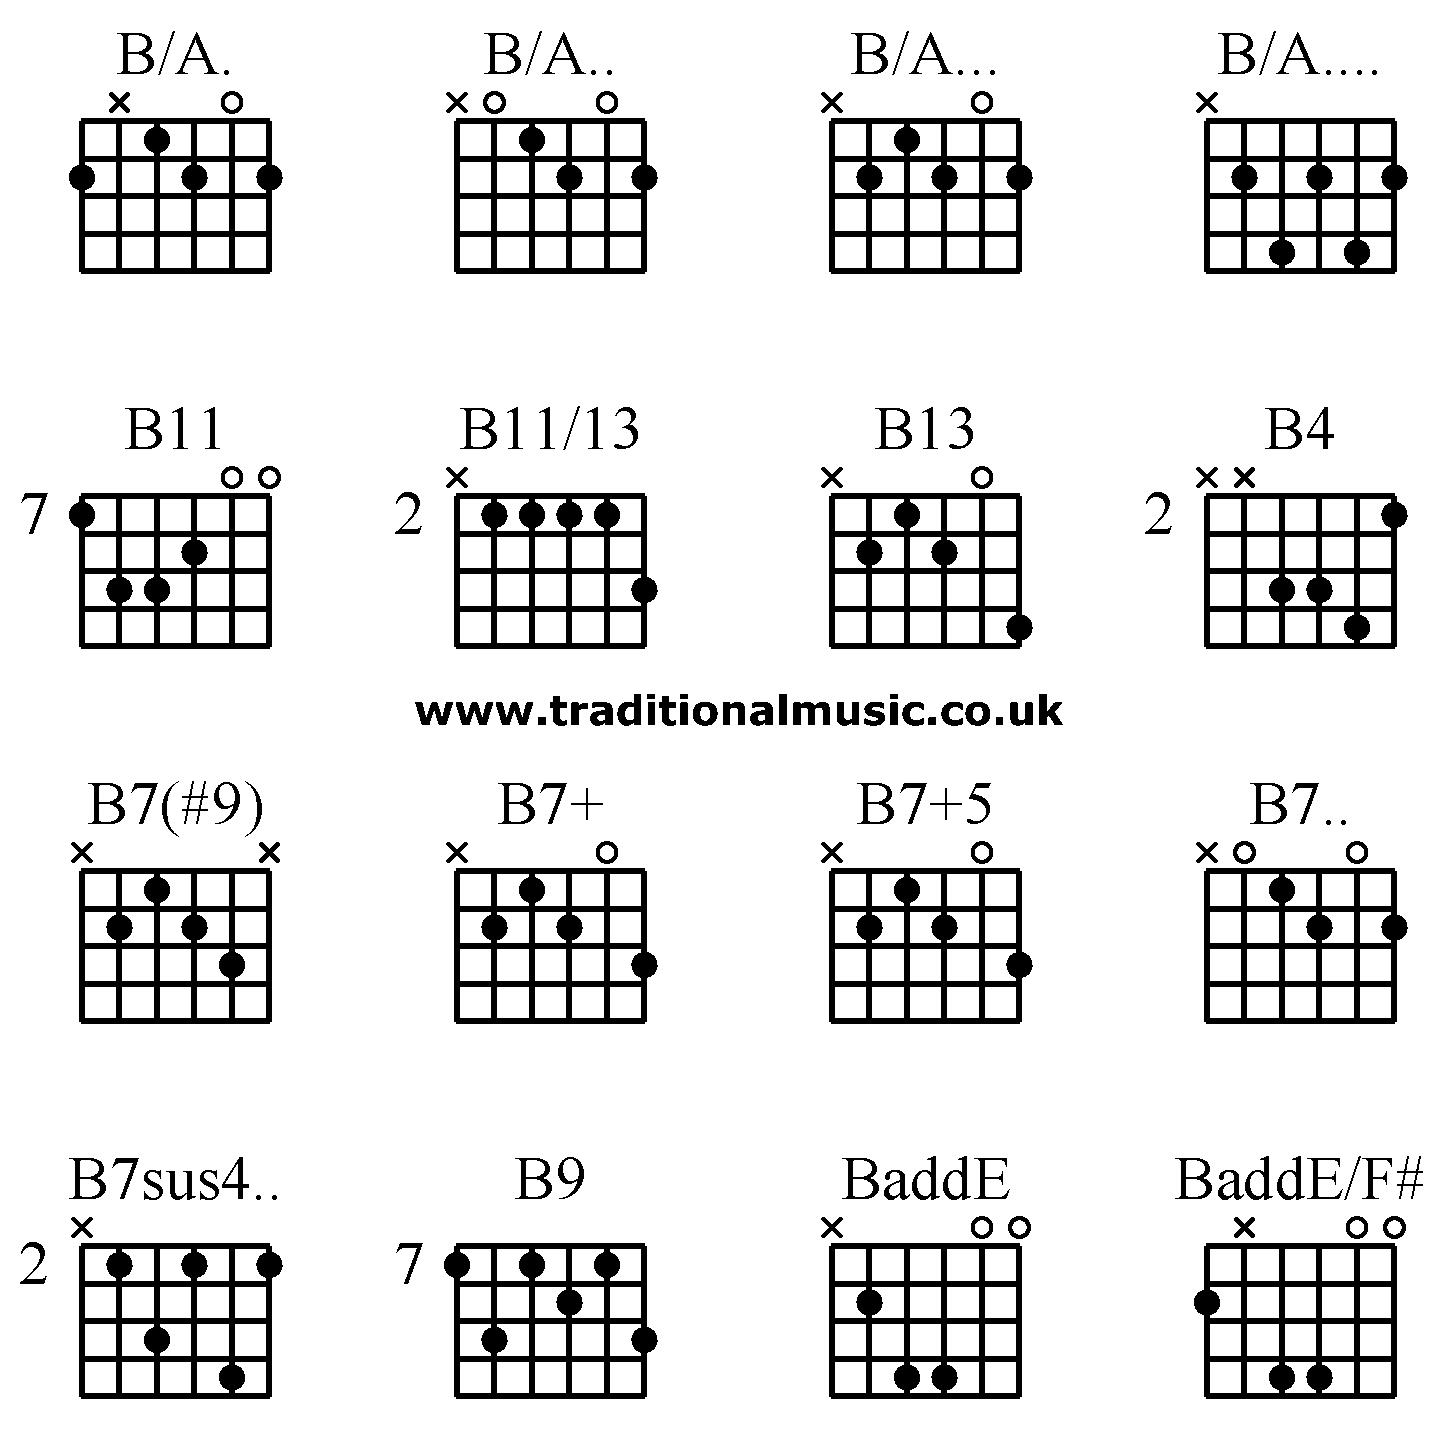 Advanced guitar chordsB/A. B/A.. B/A... B/A.... B15 B15/15 B15 B15 ...